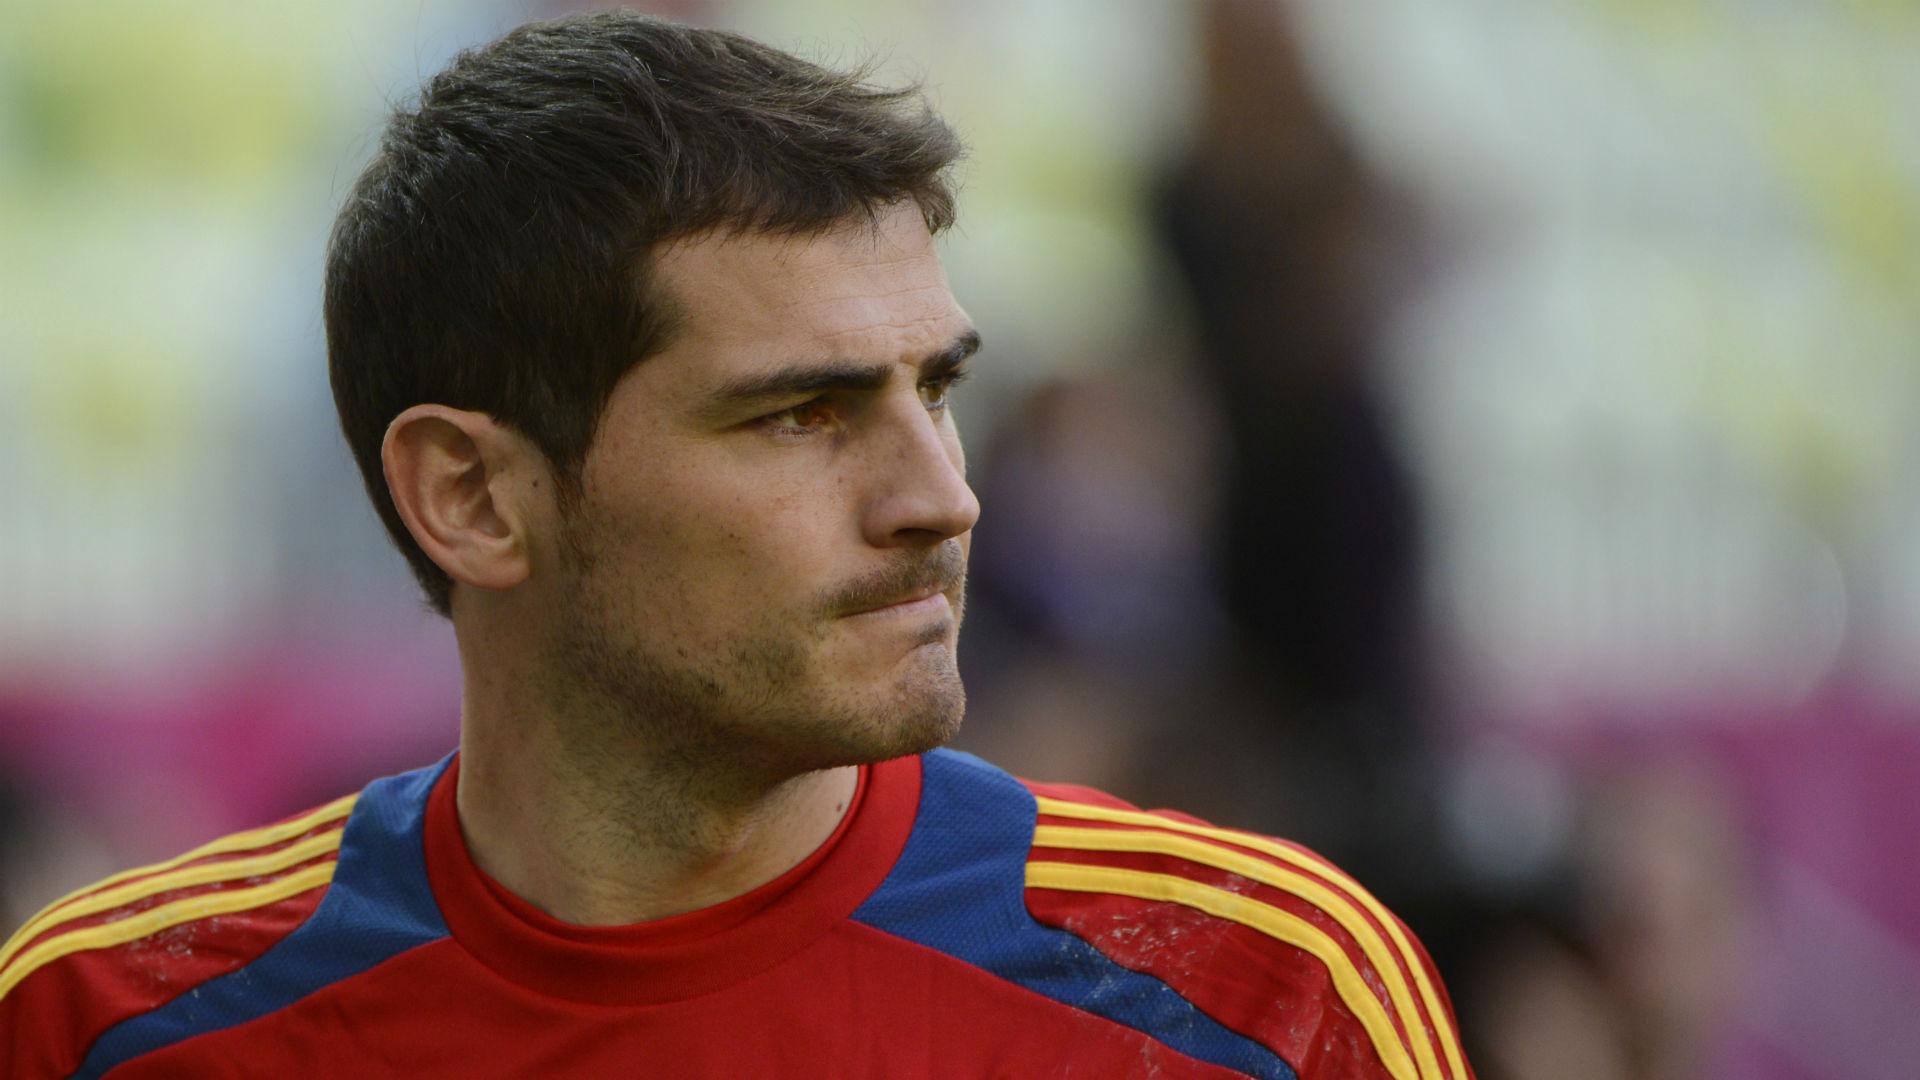 Iker Casillas short haircut 2016